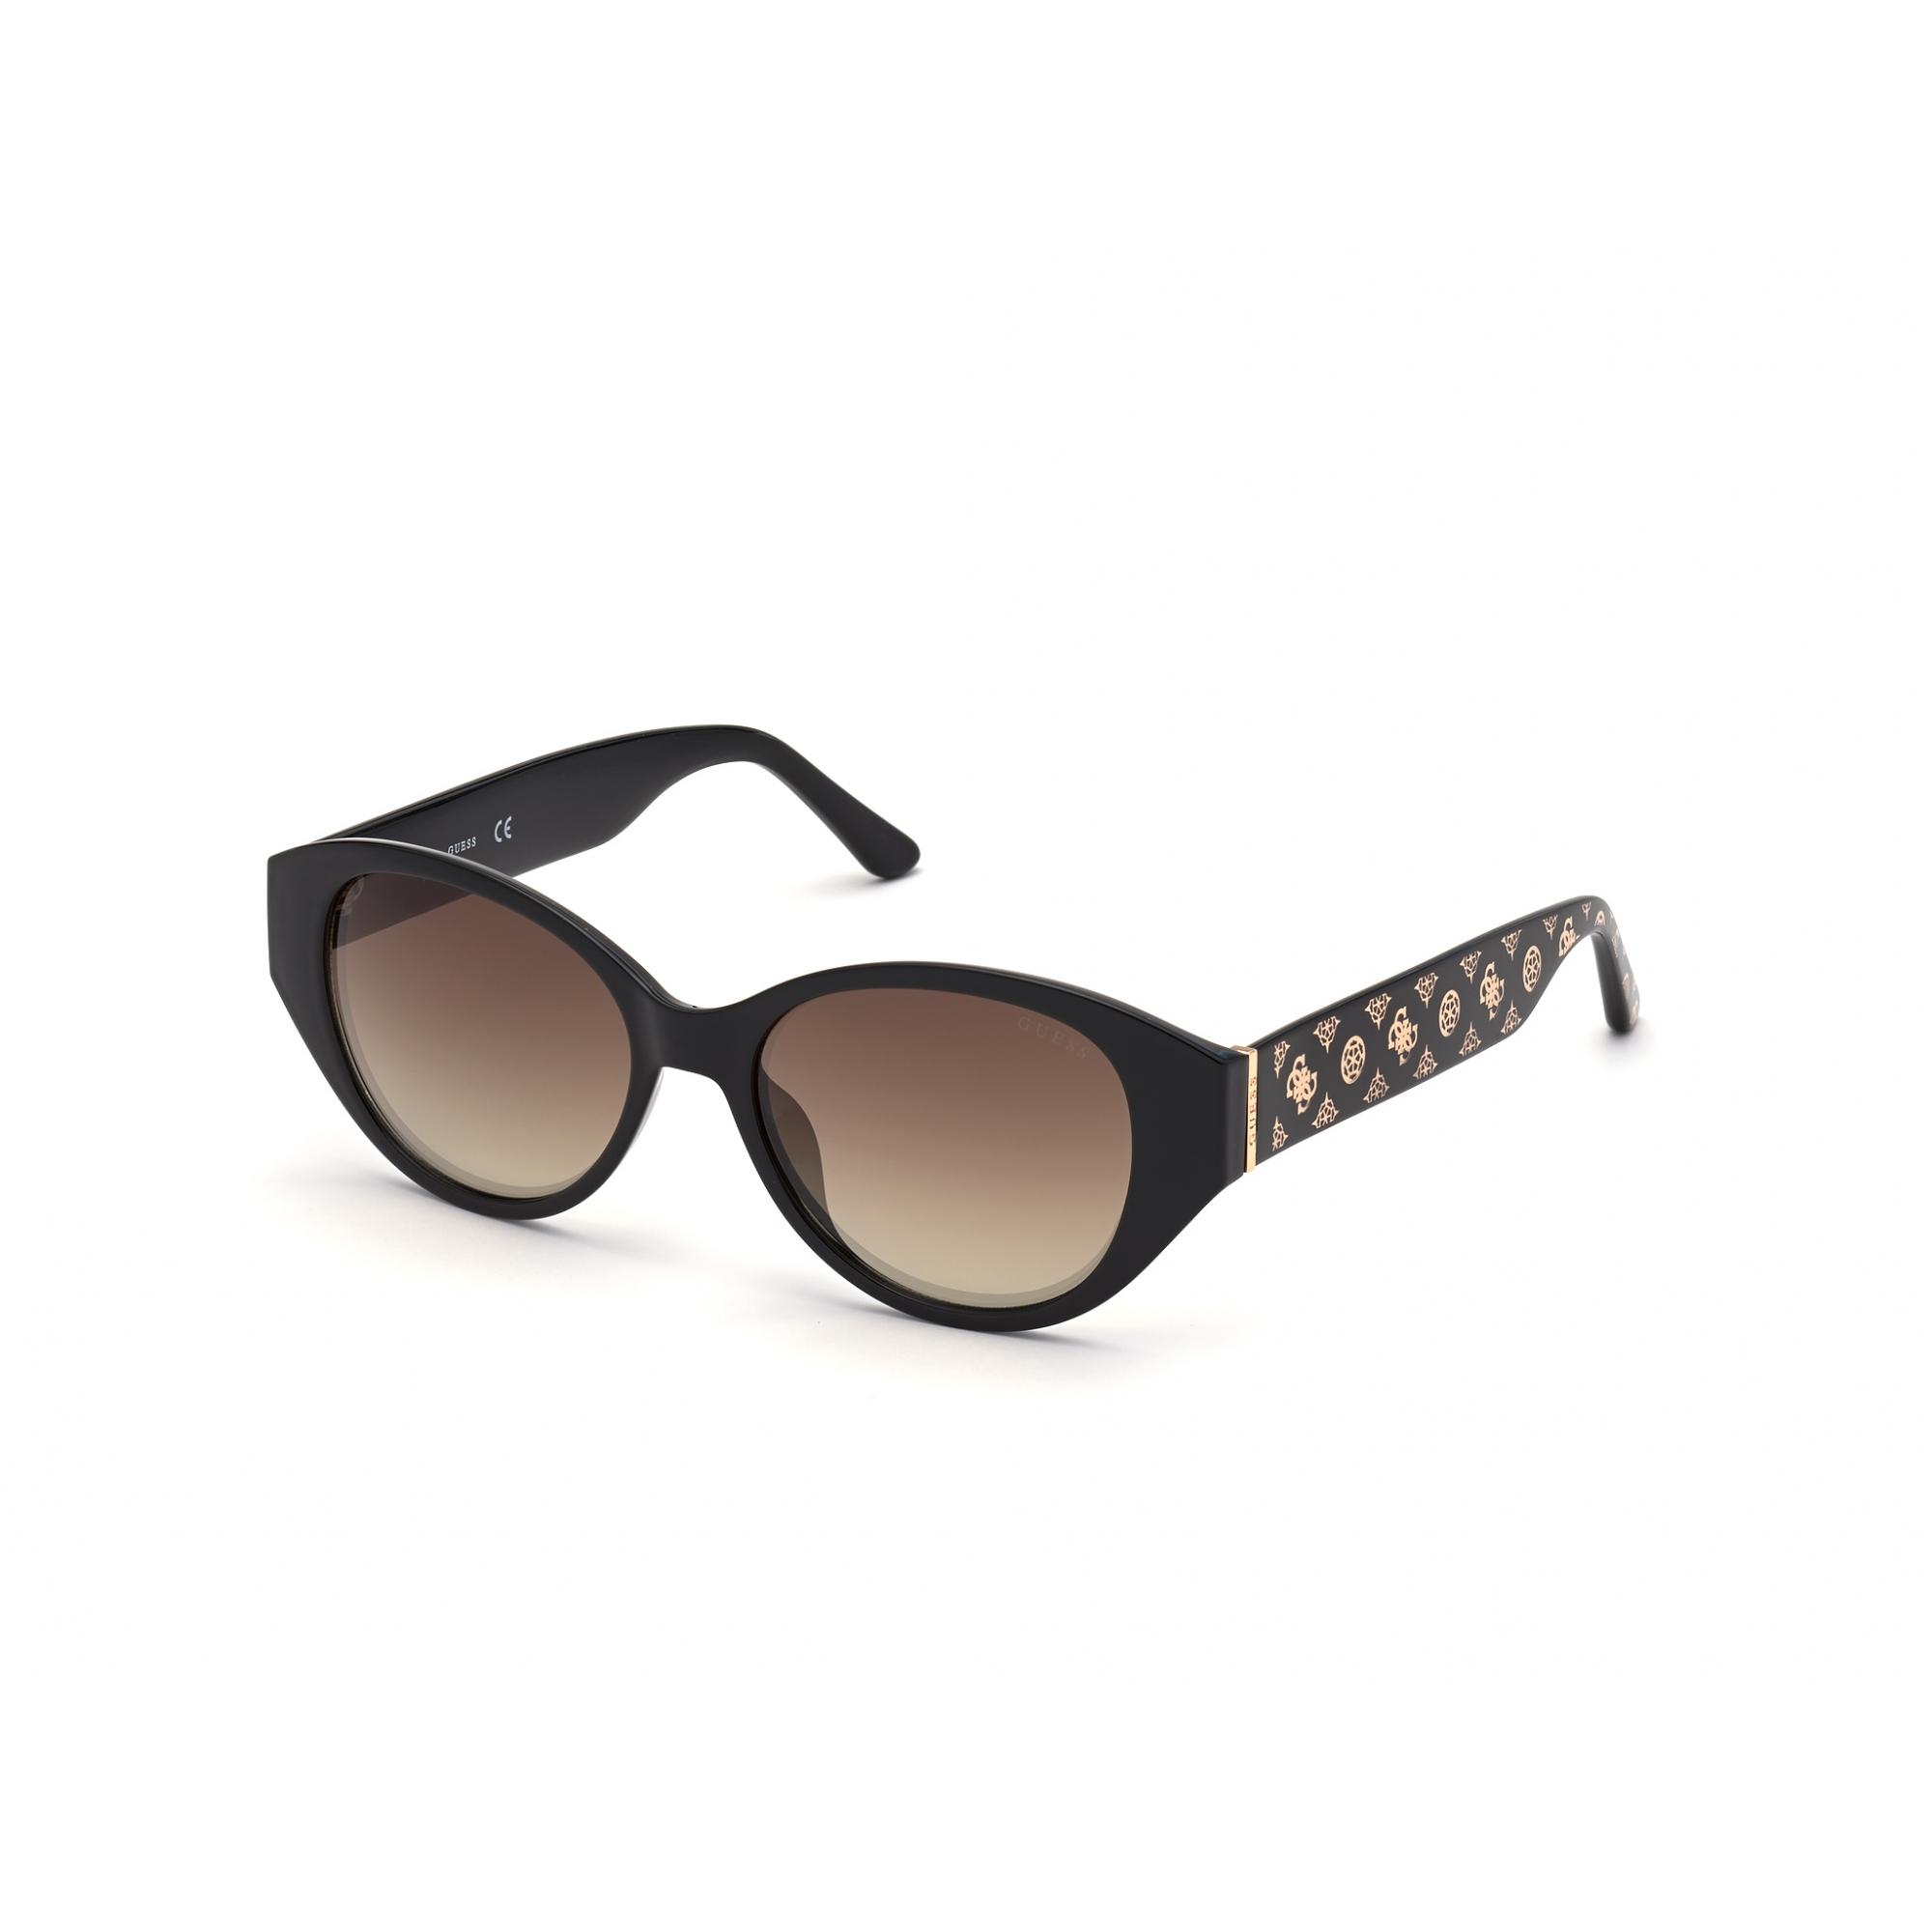 Oferta Guess ORIGINAL.  Óculos de Sol Feminino 7724